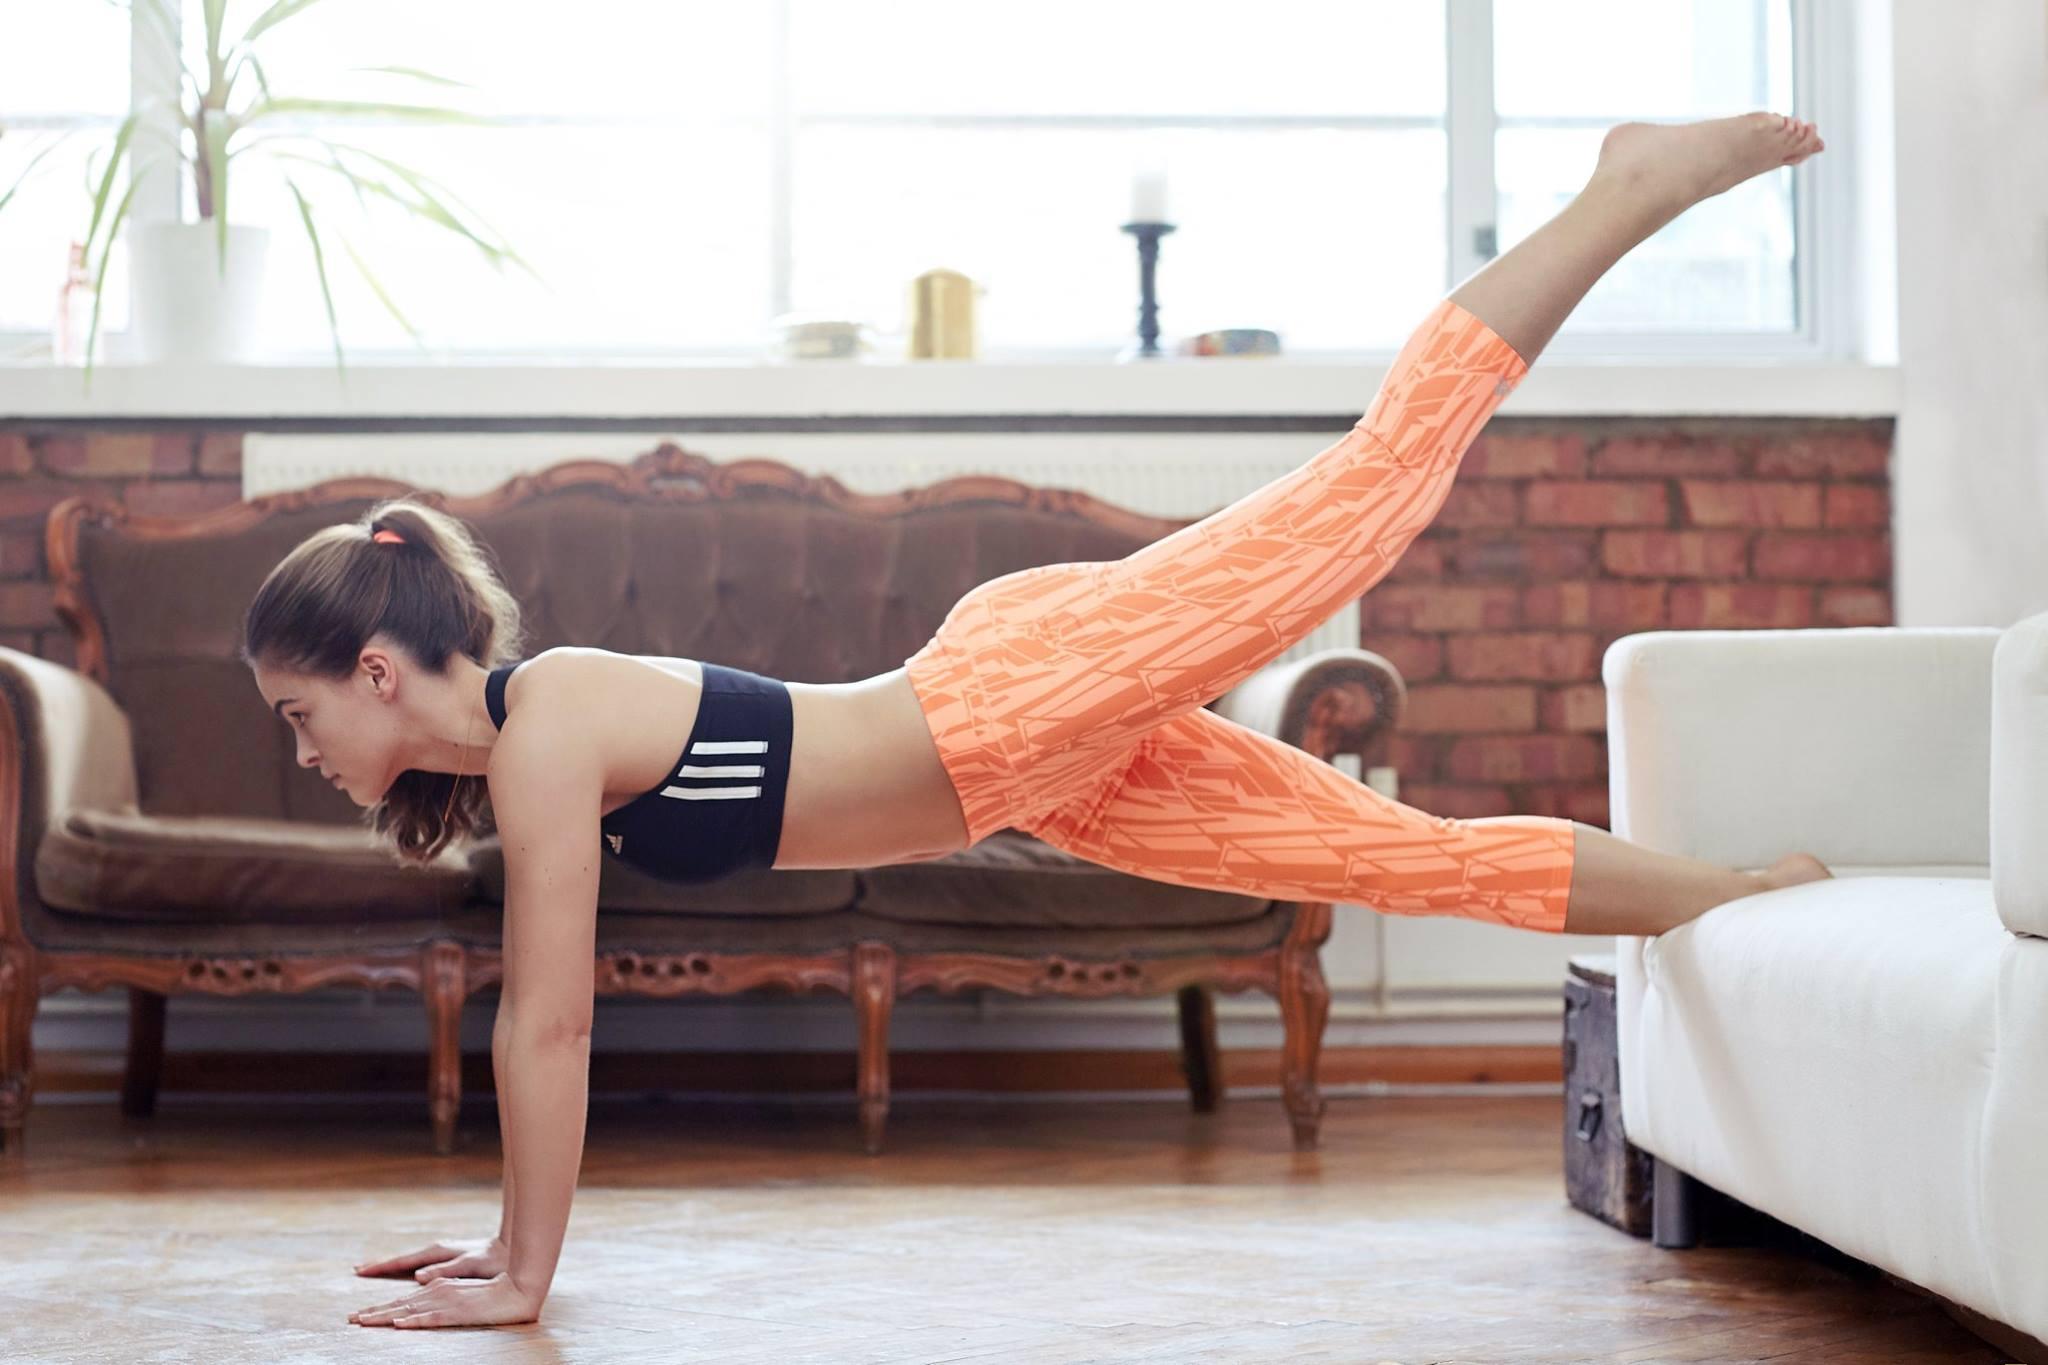 Gli esercizi fitness da fare a casa mode - Palestra a casa esercizi ...